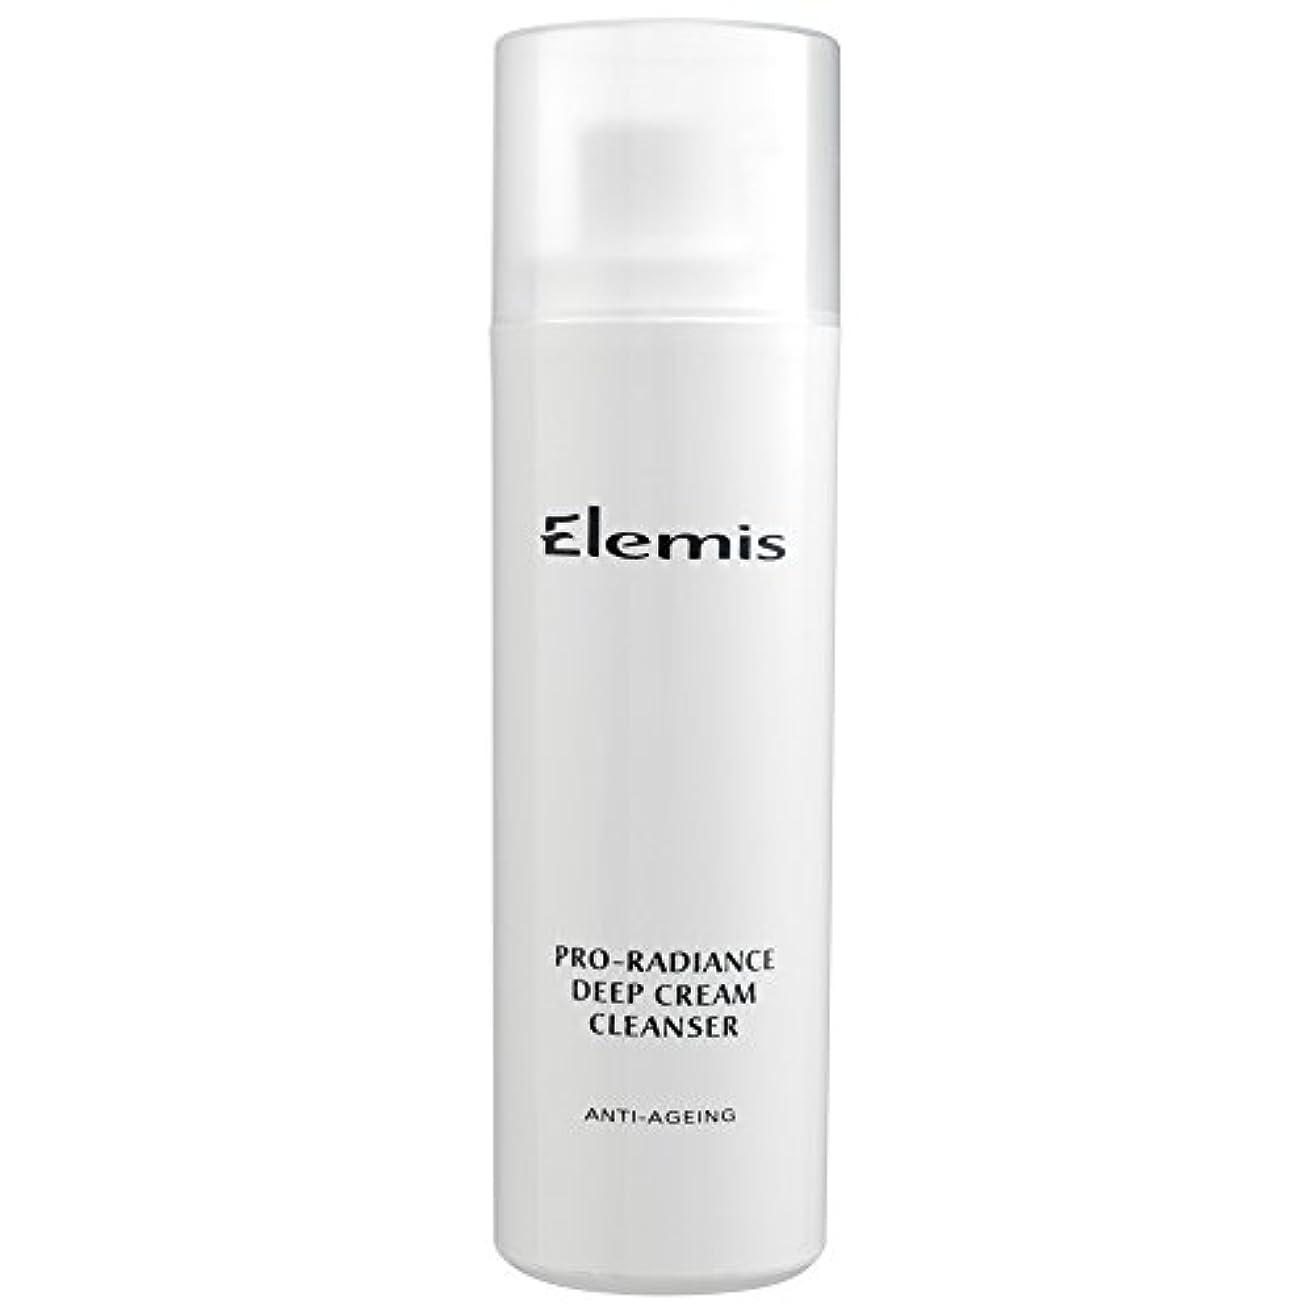 フェローシップスキニー瞑想エレミスプロ輝きクリームクレンザー、150ミリリットル (Elemis) - Elemis Pro-Radiance Cream Cleanser, 150ml [並行輸入品]